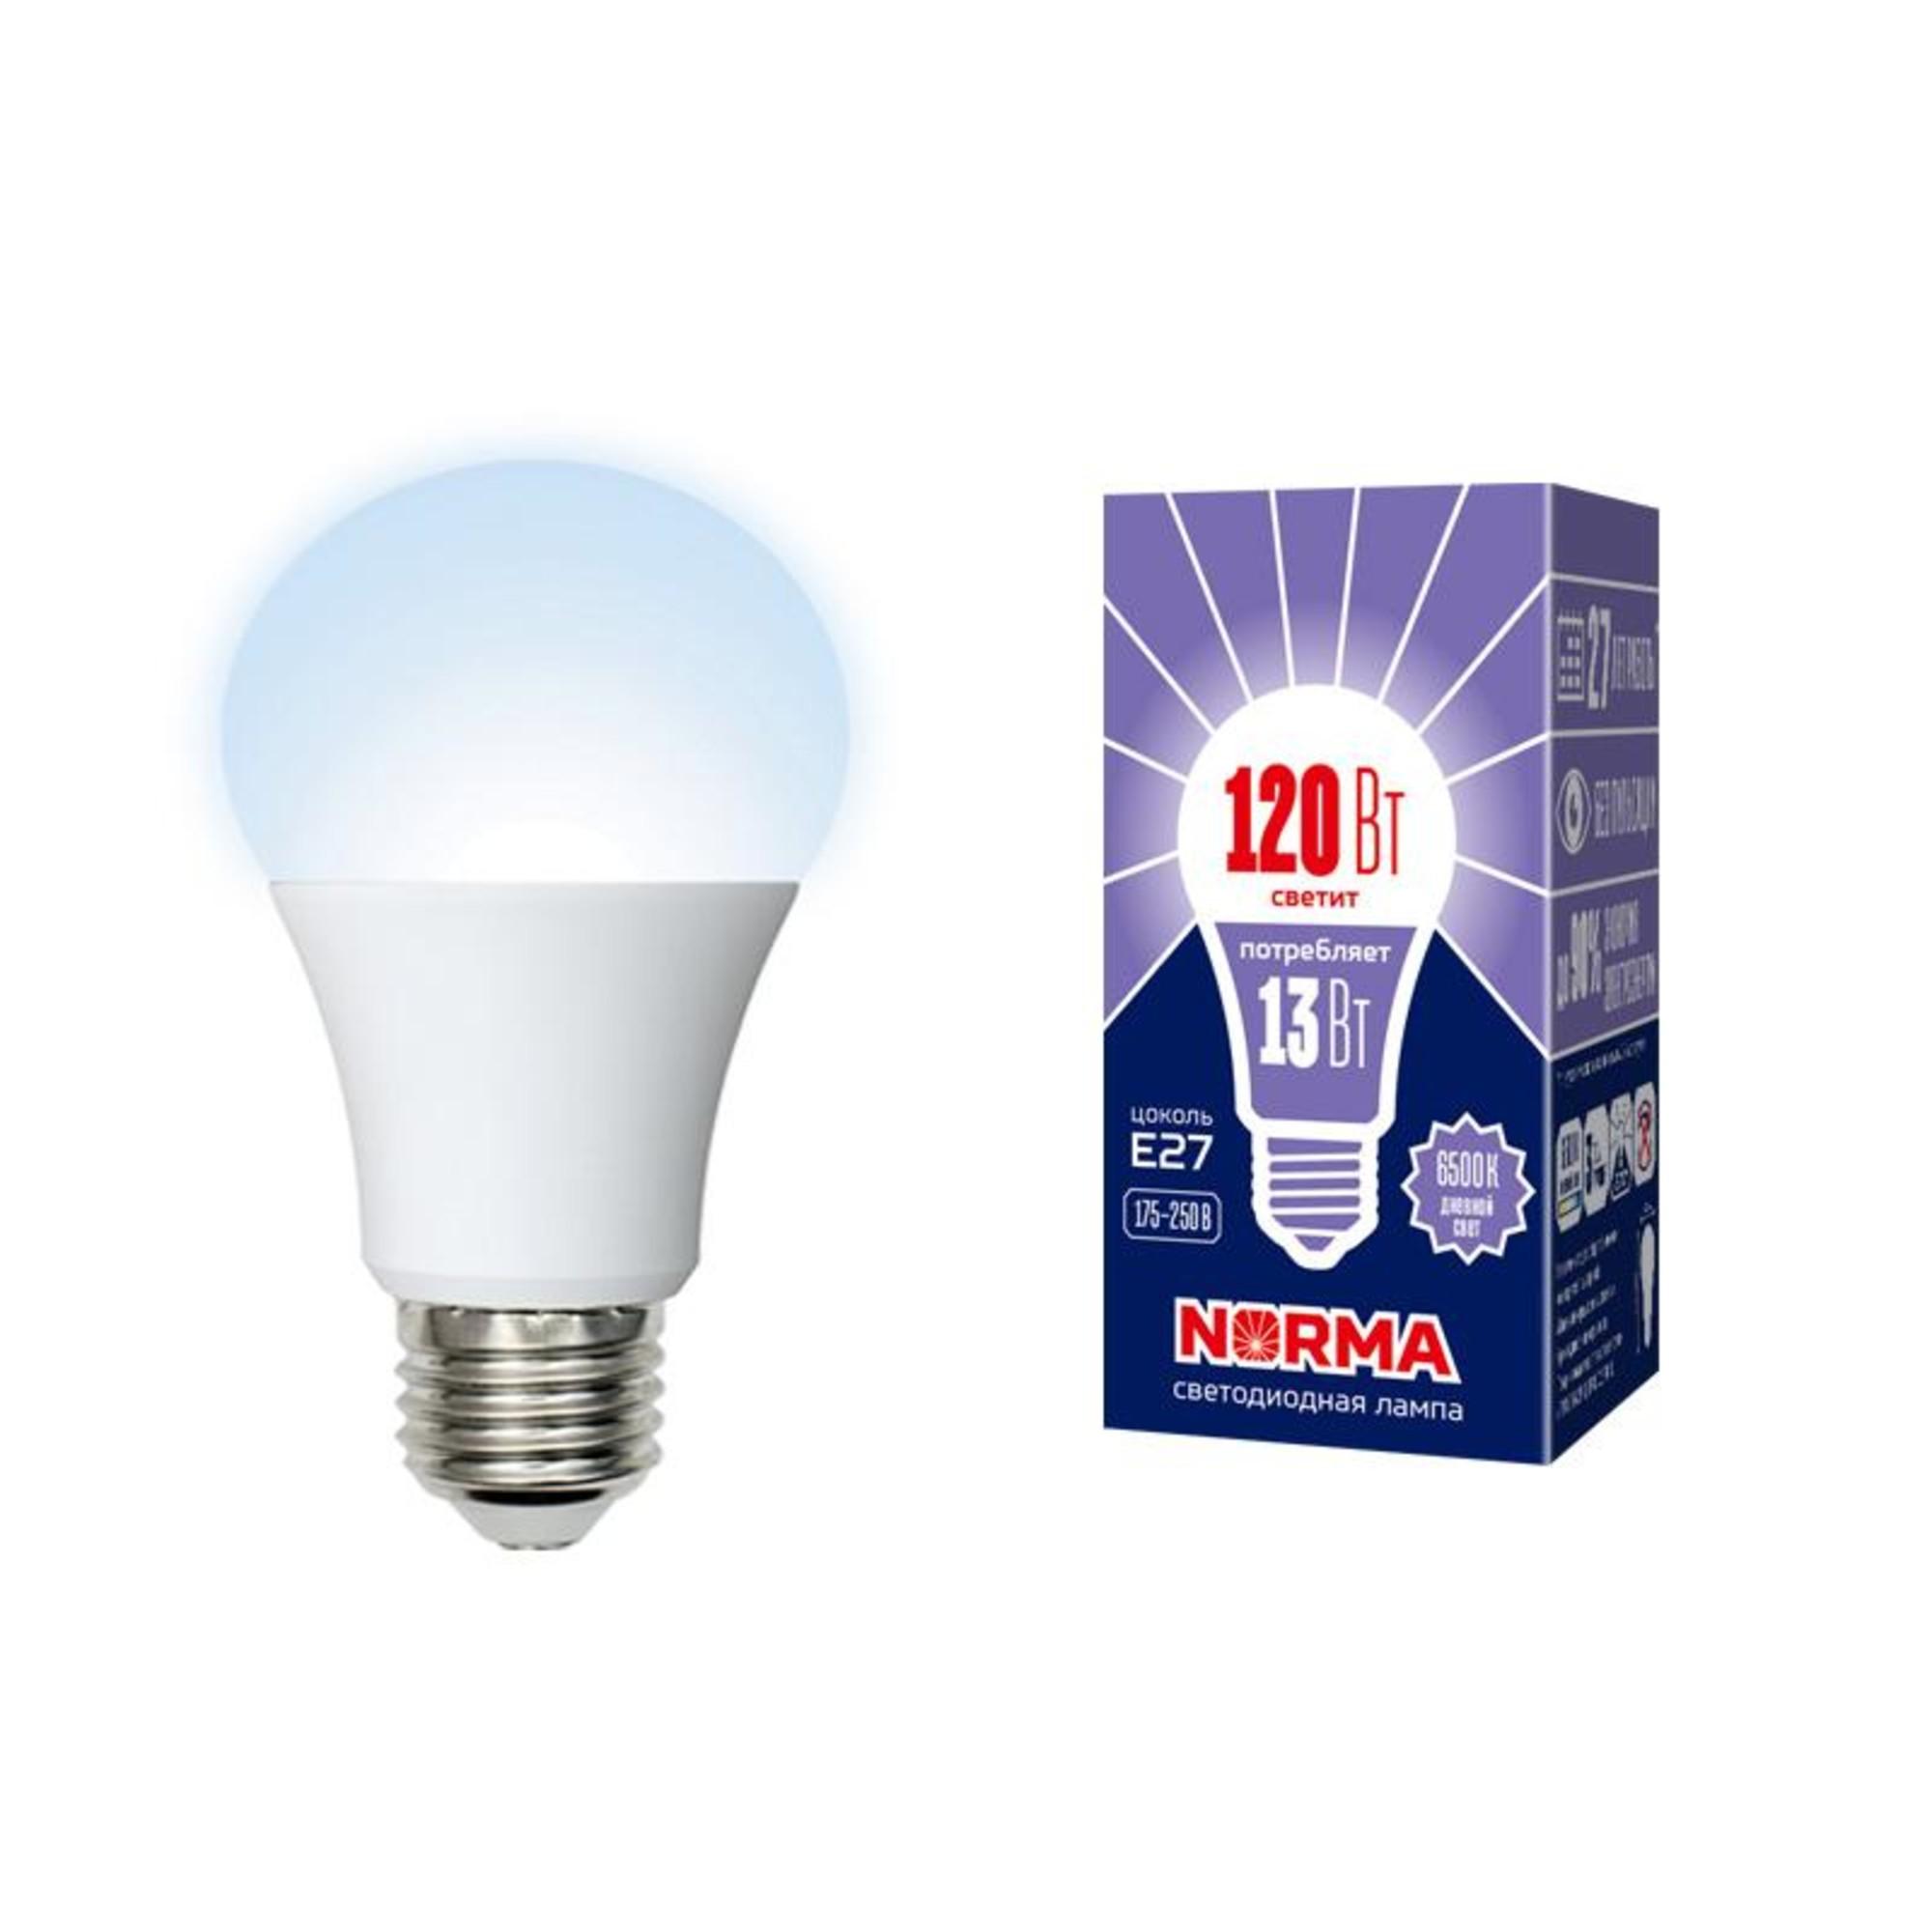 Лампа Volpe светодиодная E27 13 Вт нейтральный свет